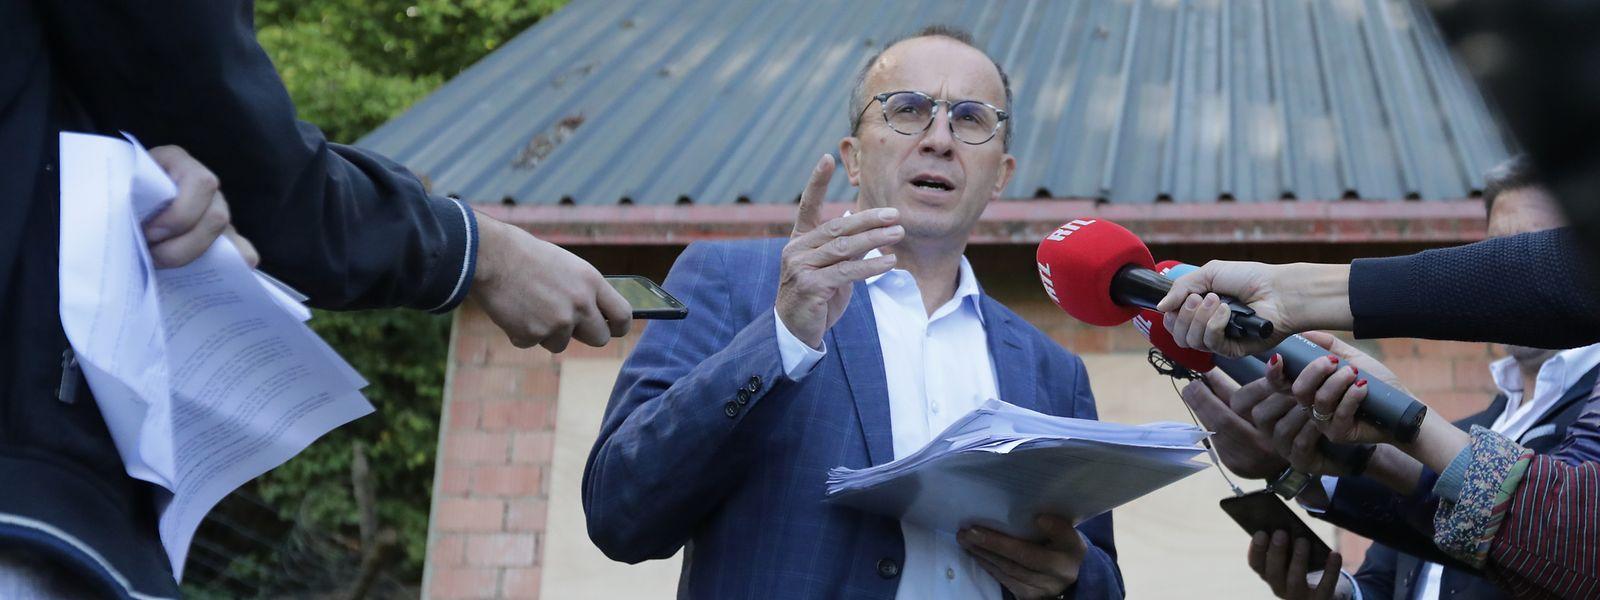 Roberto Traversini bei einer Pressekonferenz vor seinem Gartenhaus.